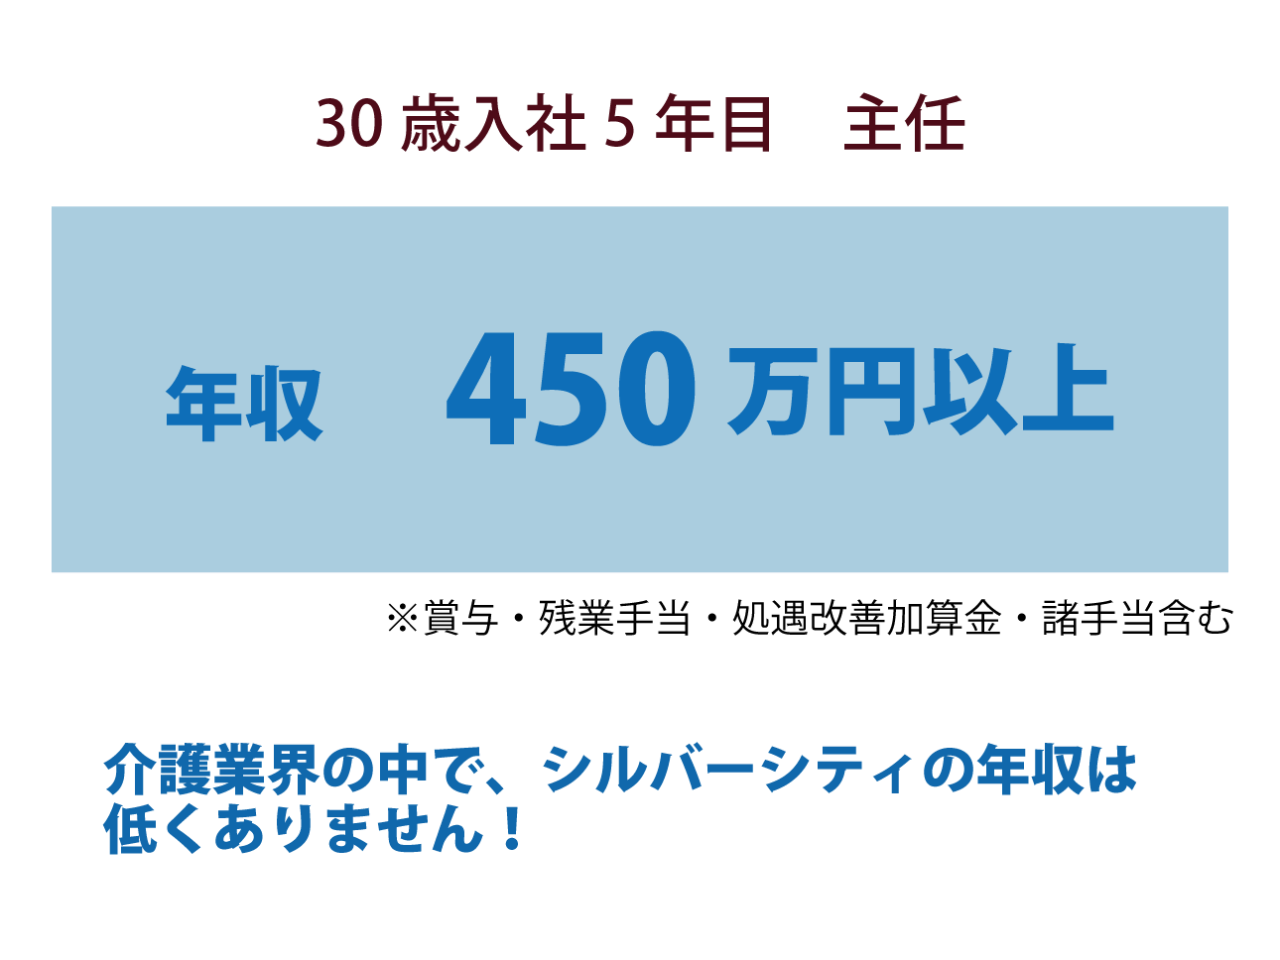 正社員(30歳5年目主任)の年収450万円以上